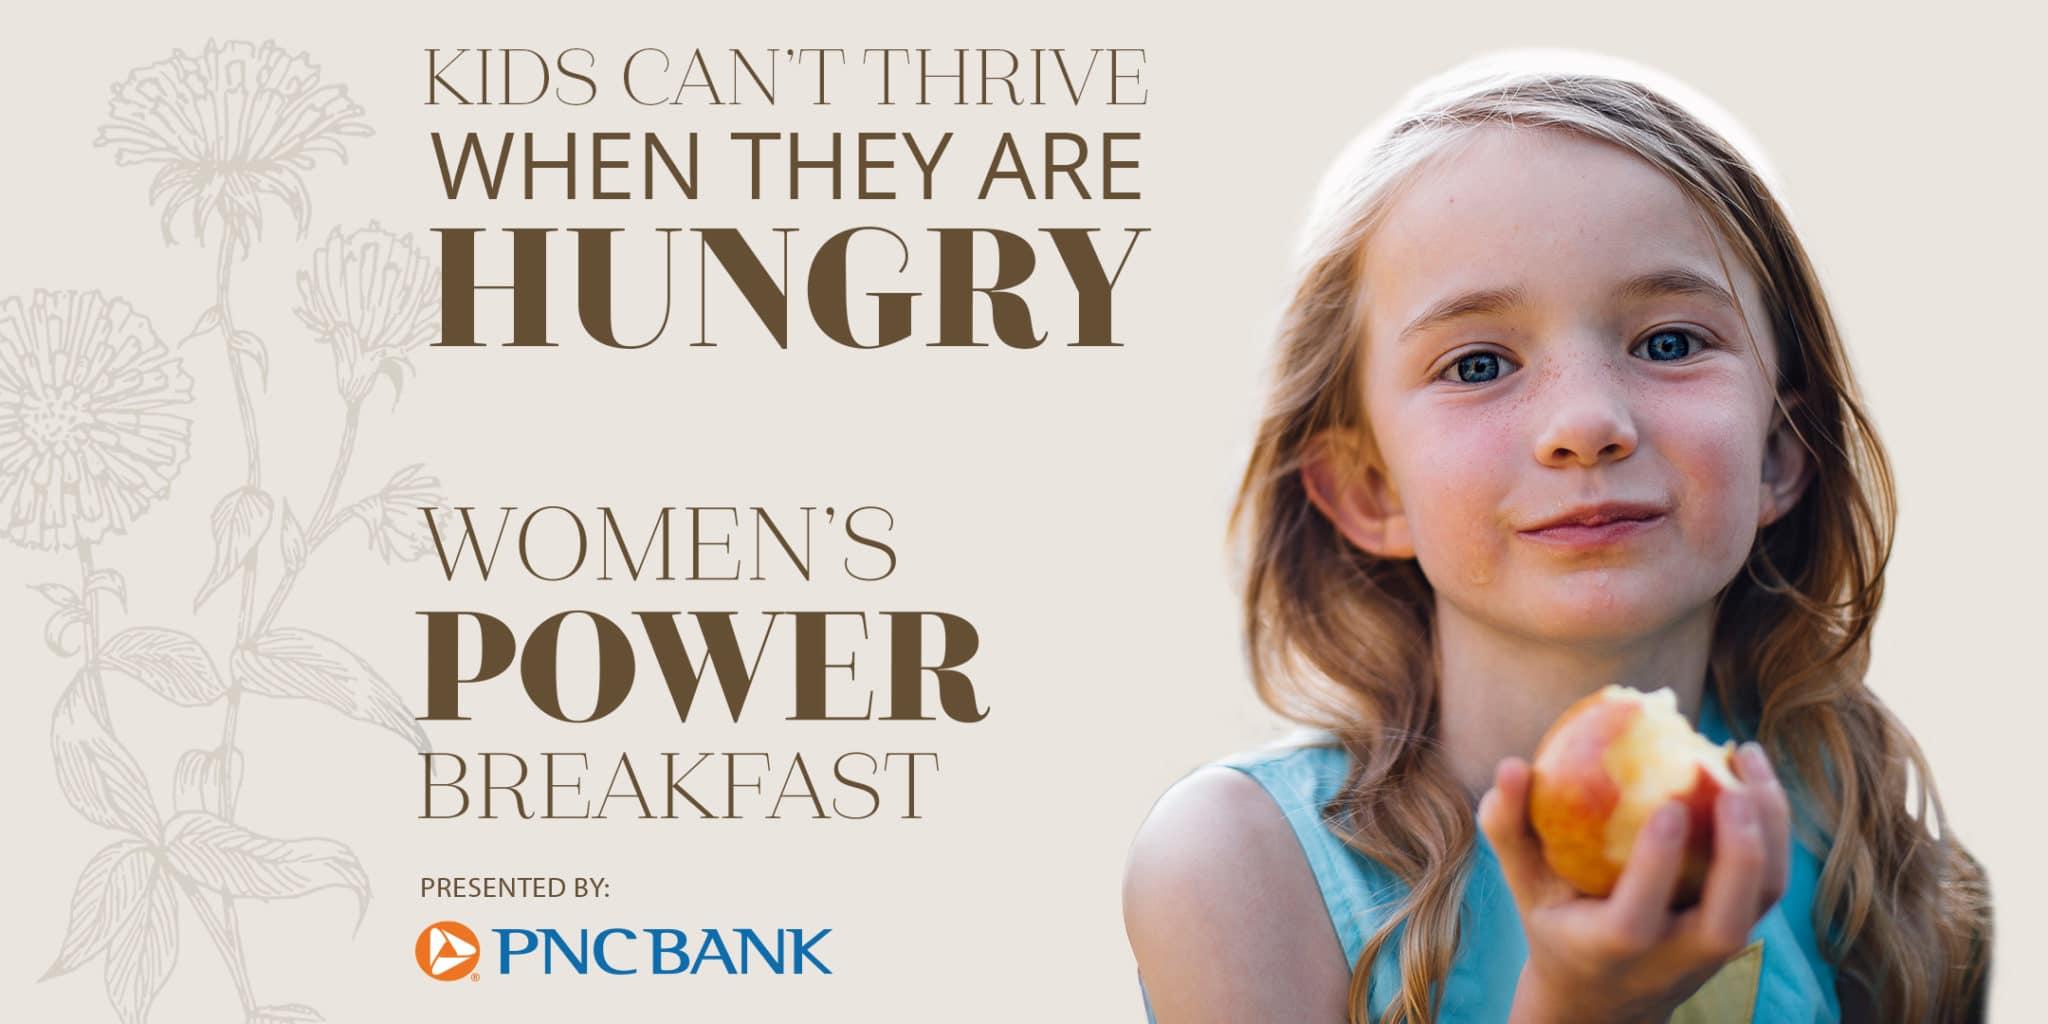 The 2020 Women's Power Breakfast